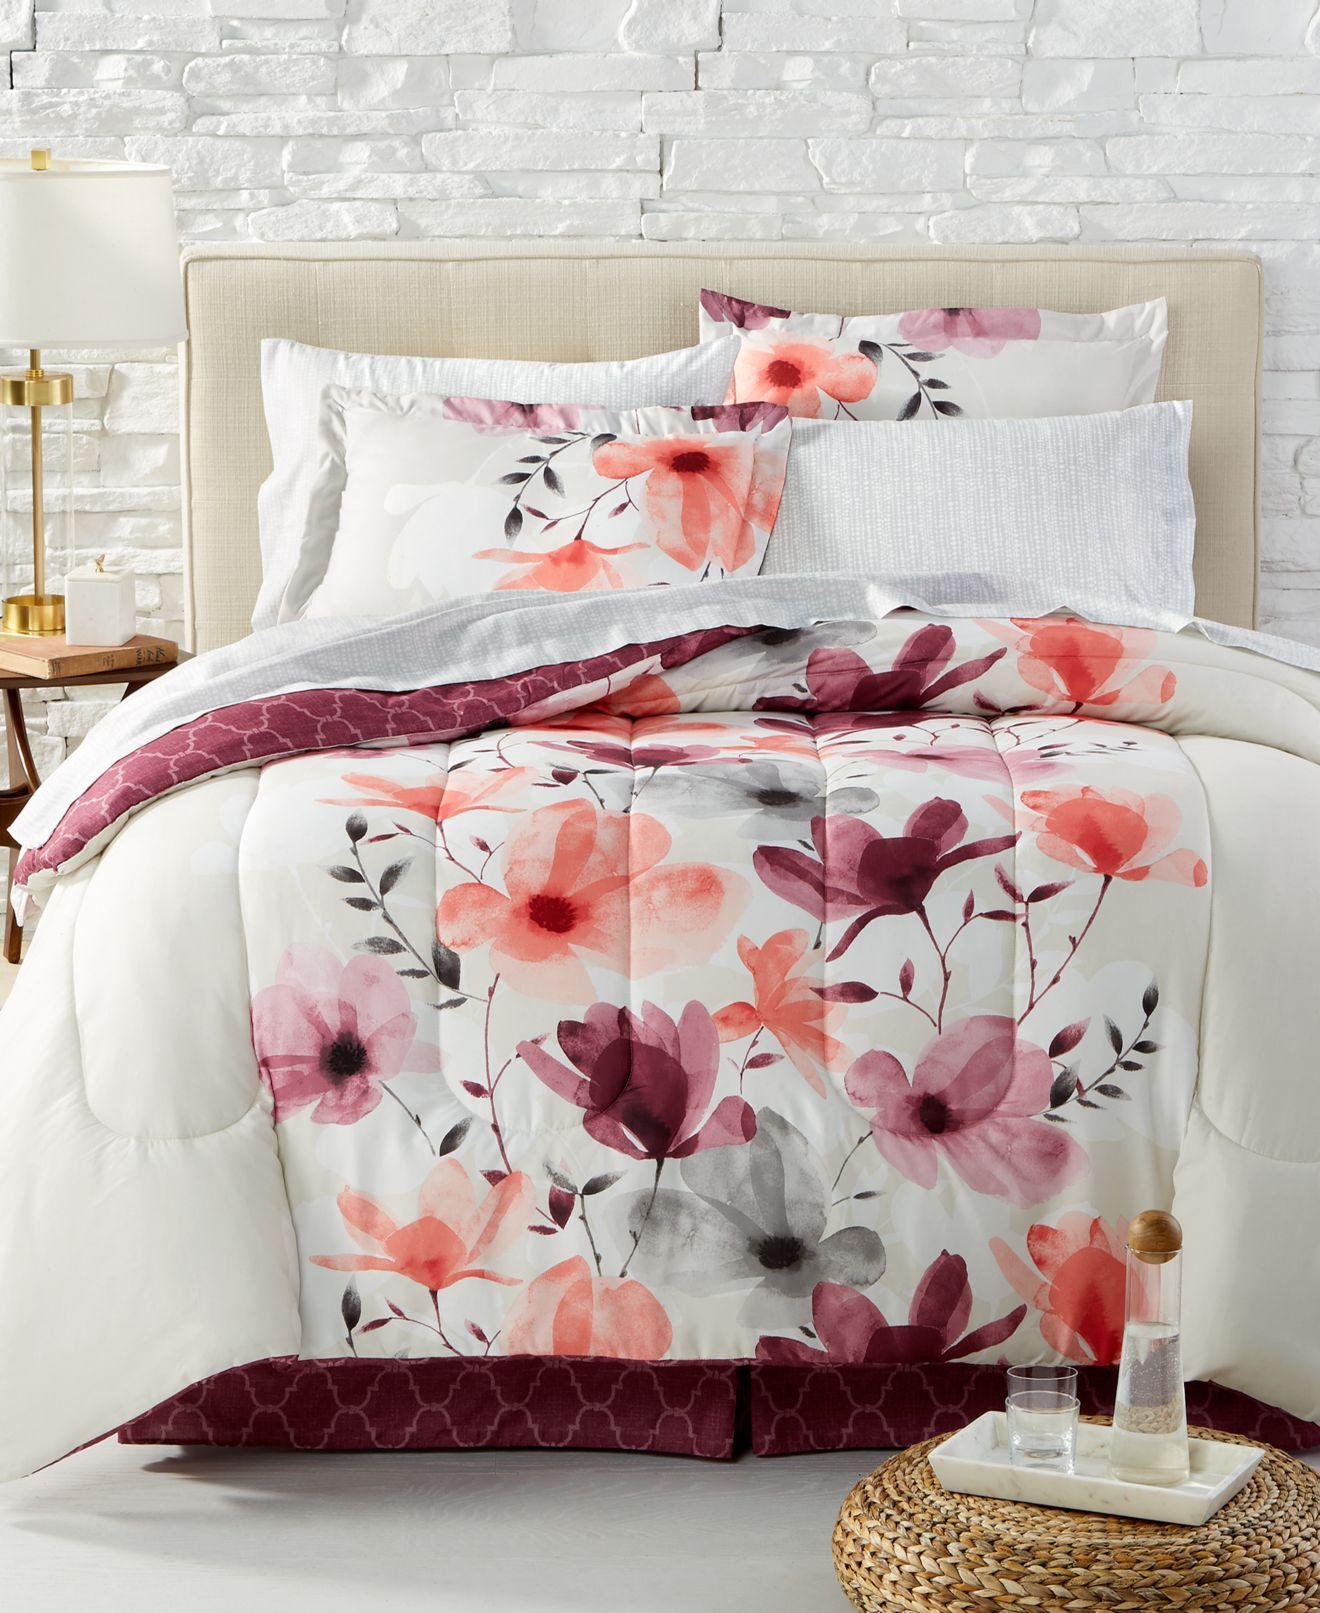 Queen Bedroom Comforter Sets bed in a bag and comforter sets: queen, king & more - macy's